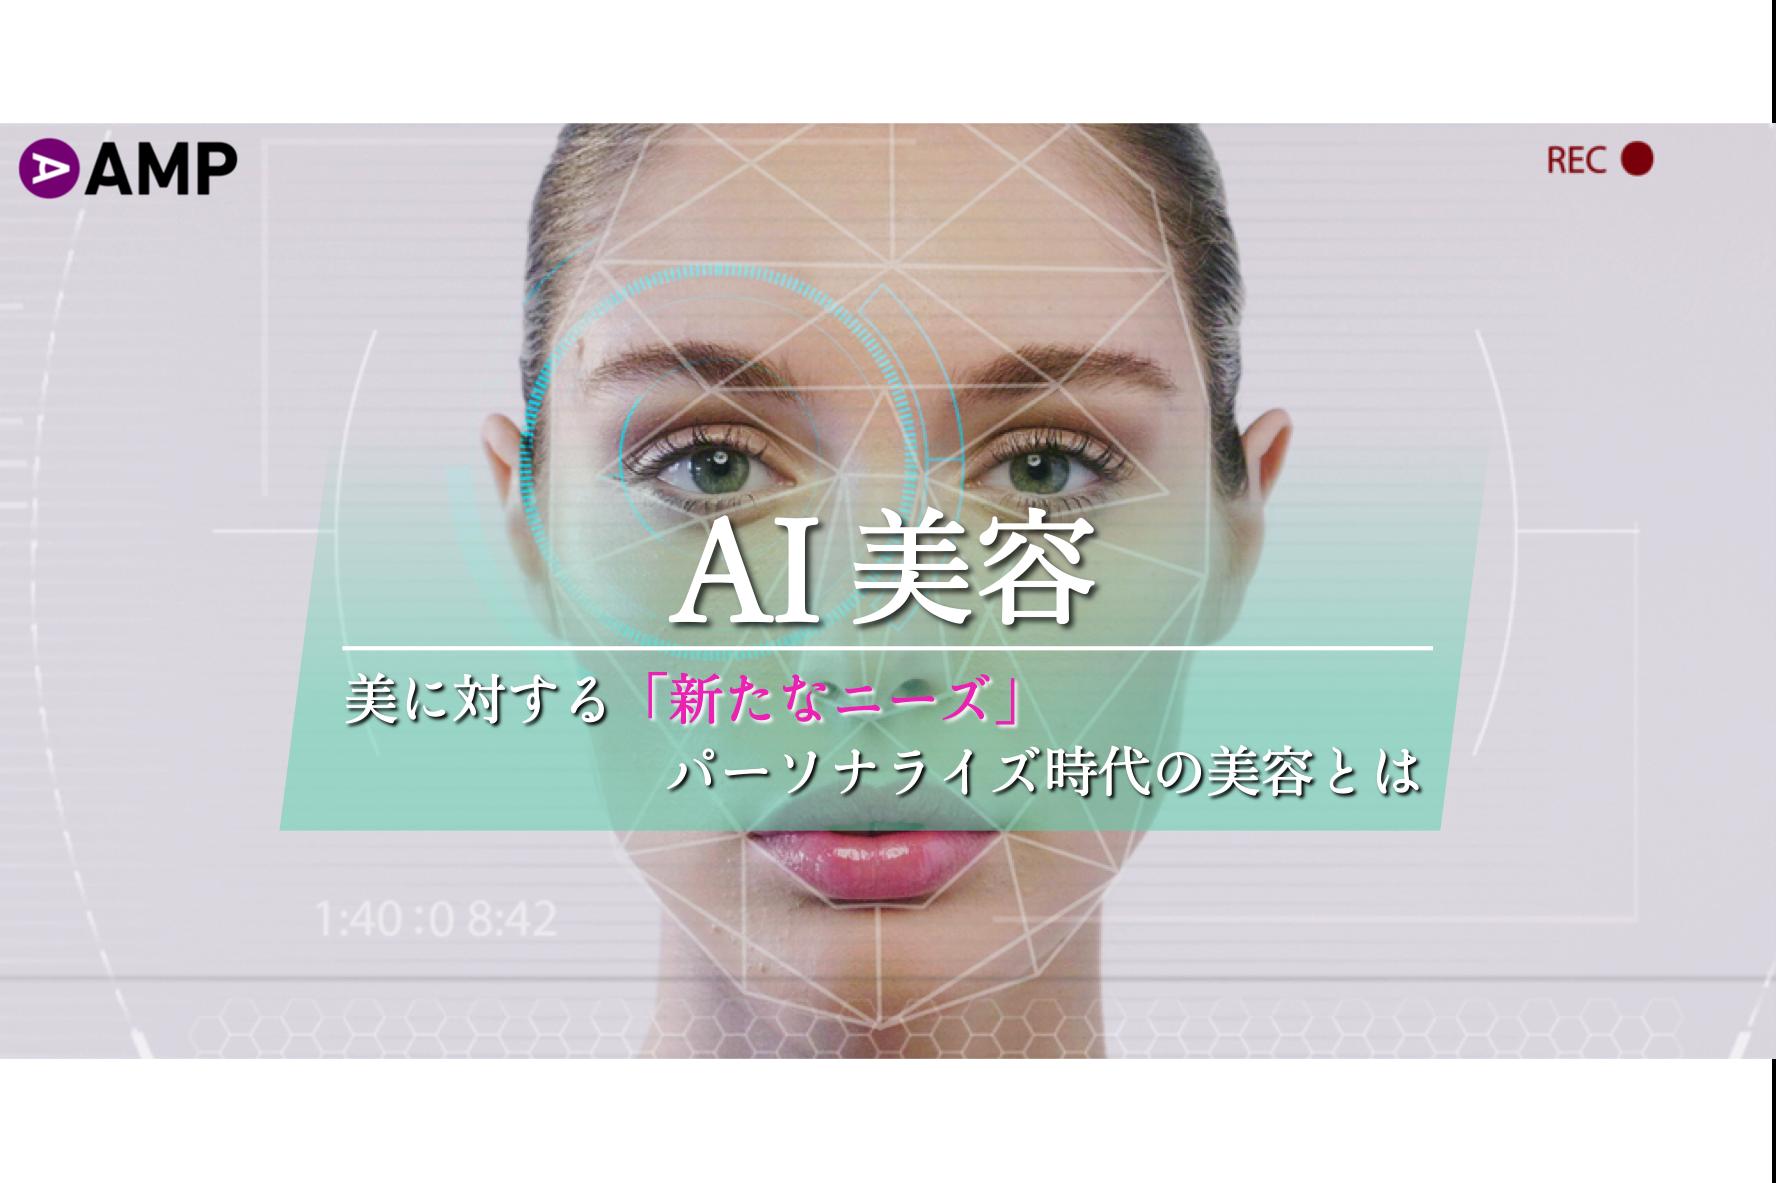 「AI美容」が活況ーー美のパーソナライズが本格化、顔のシワ分析も